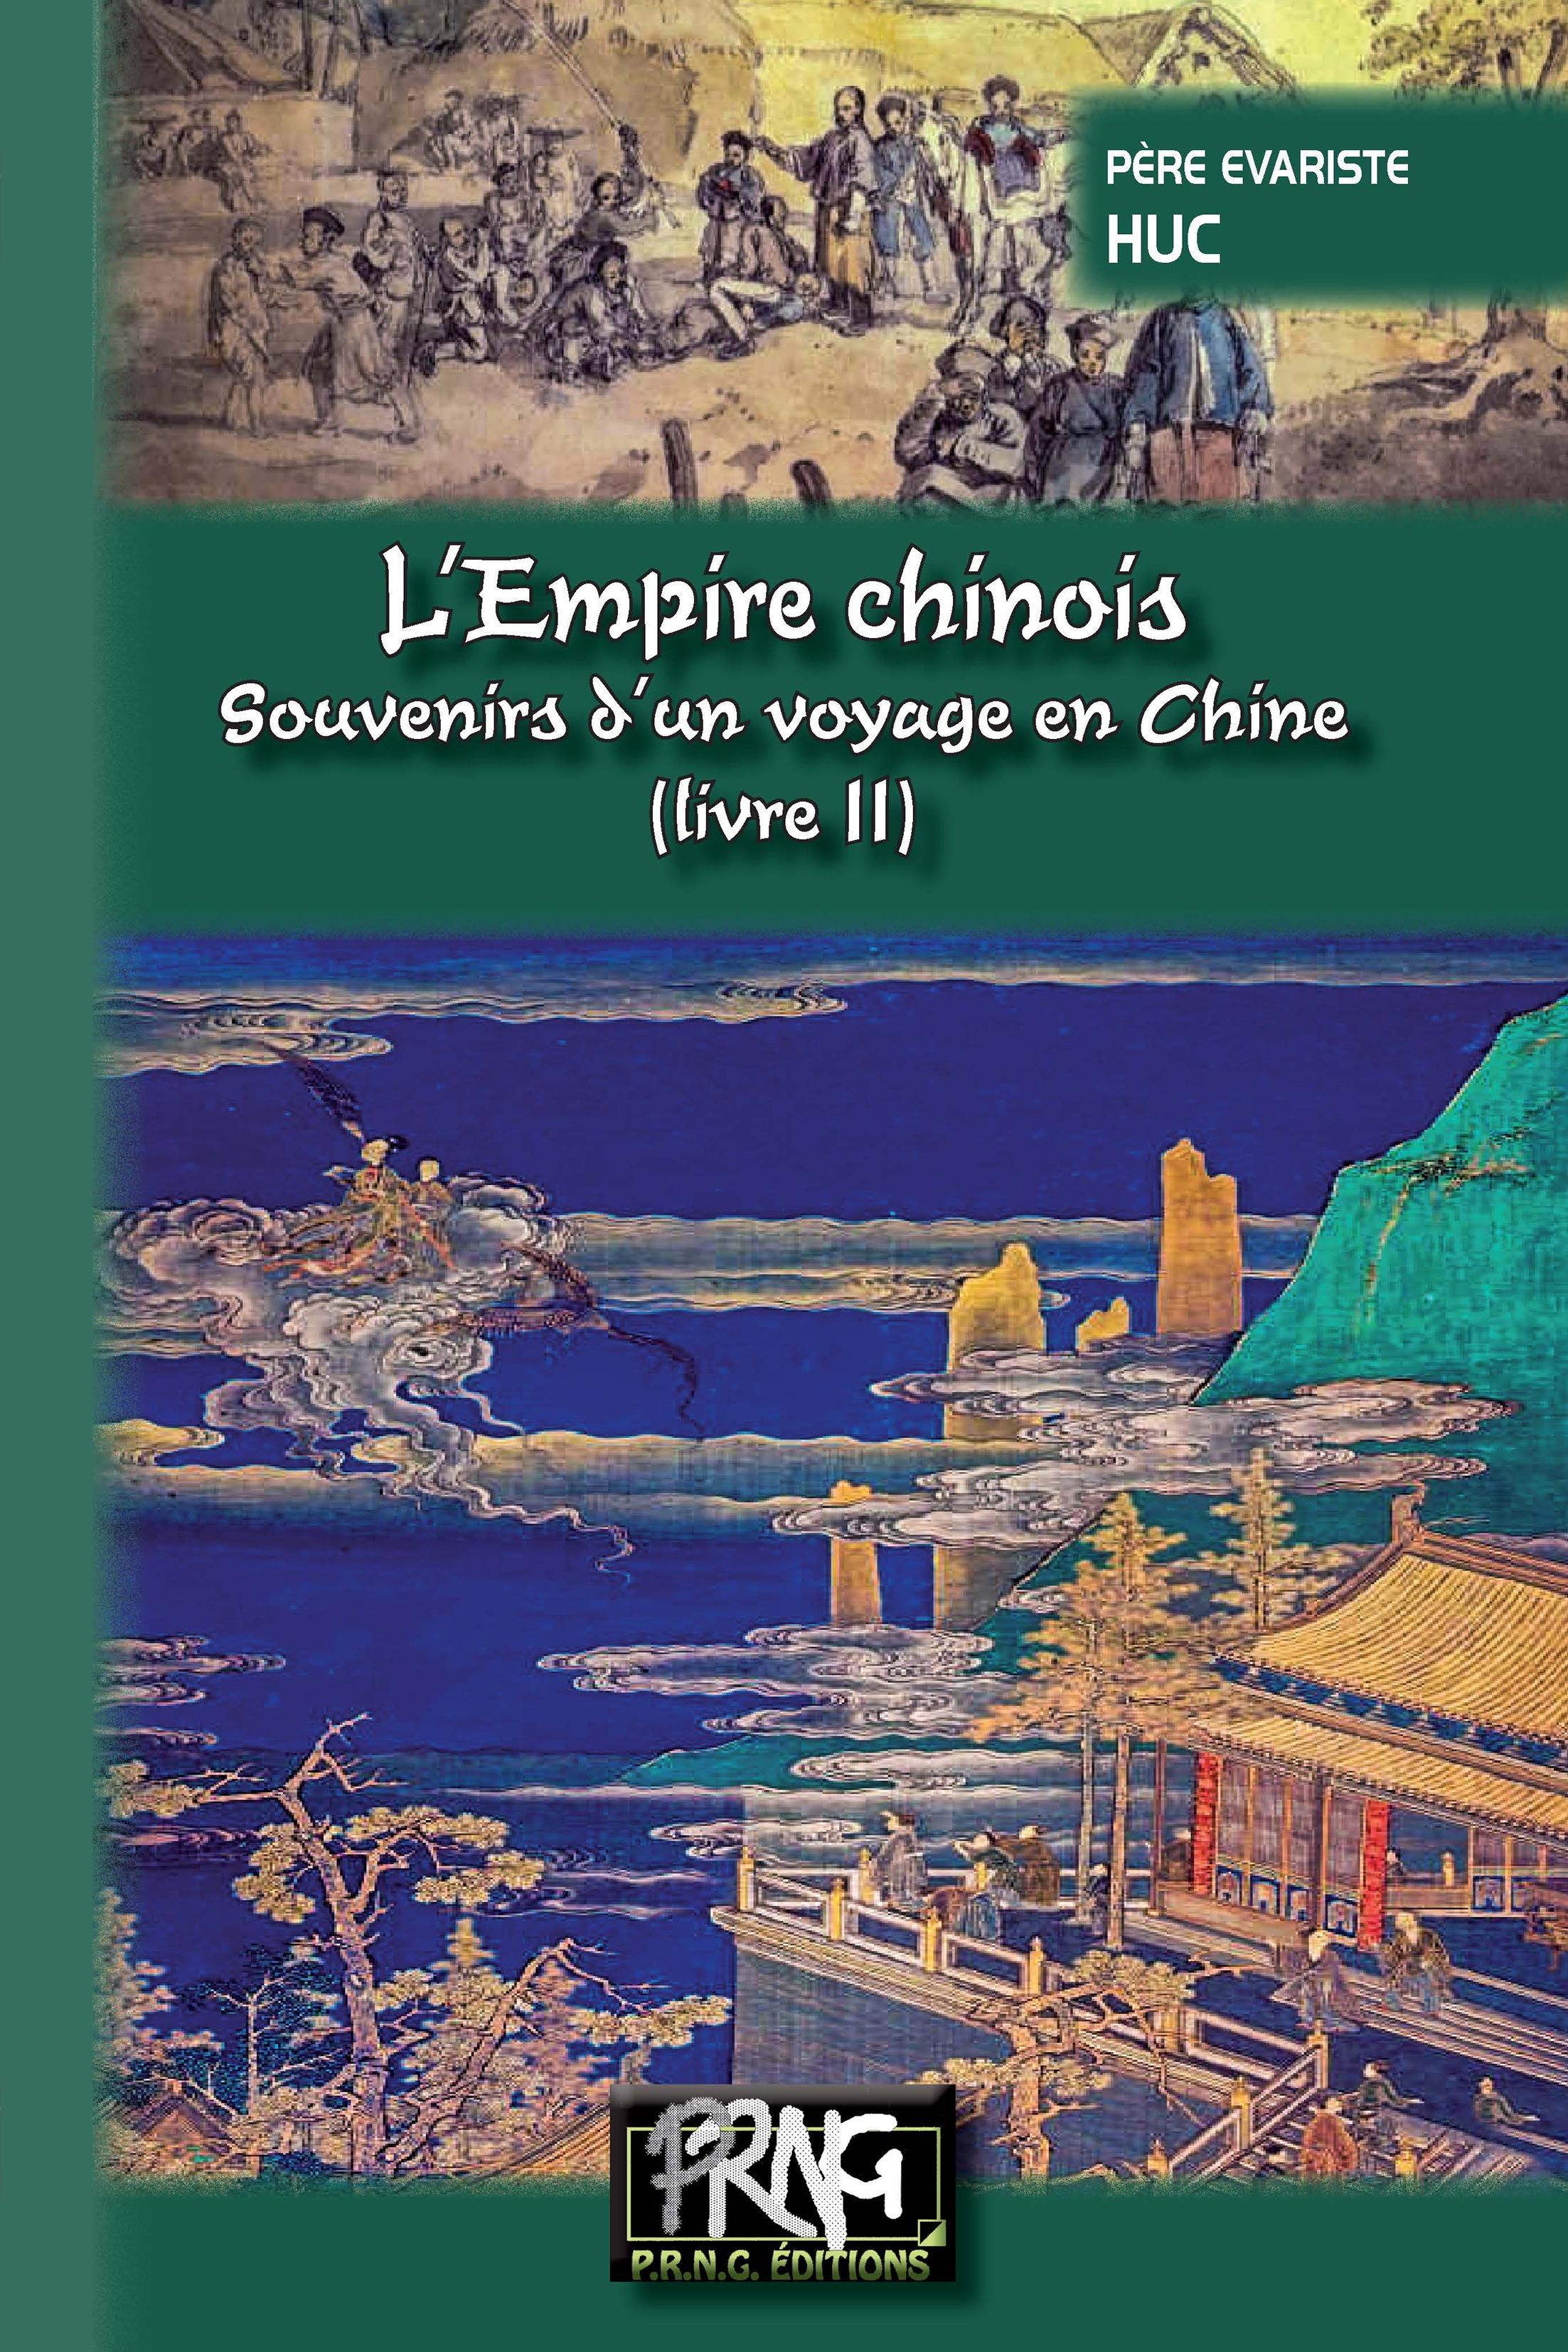 L'Empire chinois (livre 2) - Souvenirs d'un voyage en Chine